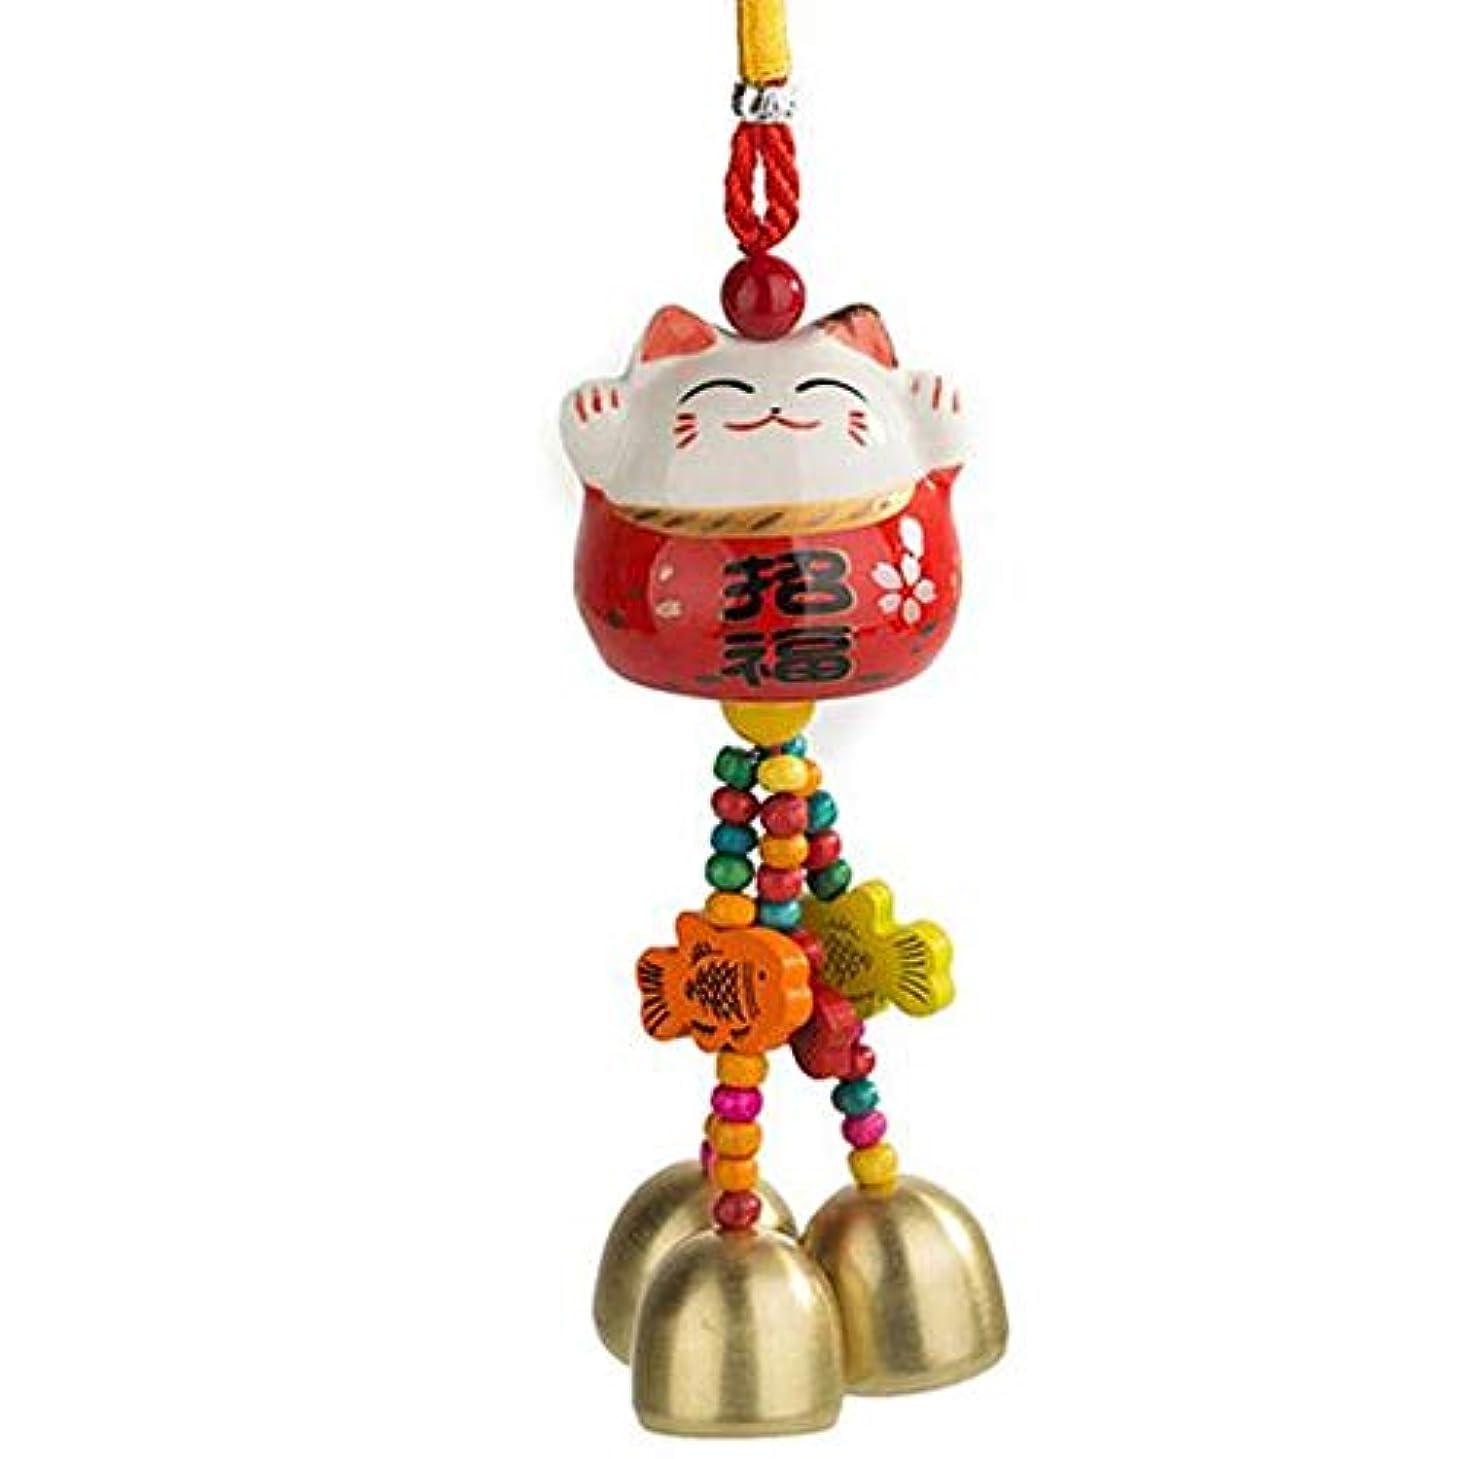 ゴールドストローク振る舞いKaiyitong01 風チャイム、かわいいクリエイティブセラミック猫風の鐘、オレンジ、ロング28センチメートル,絶妙なファッション (Color : Red)